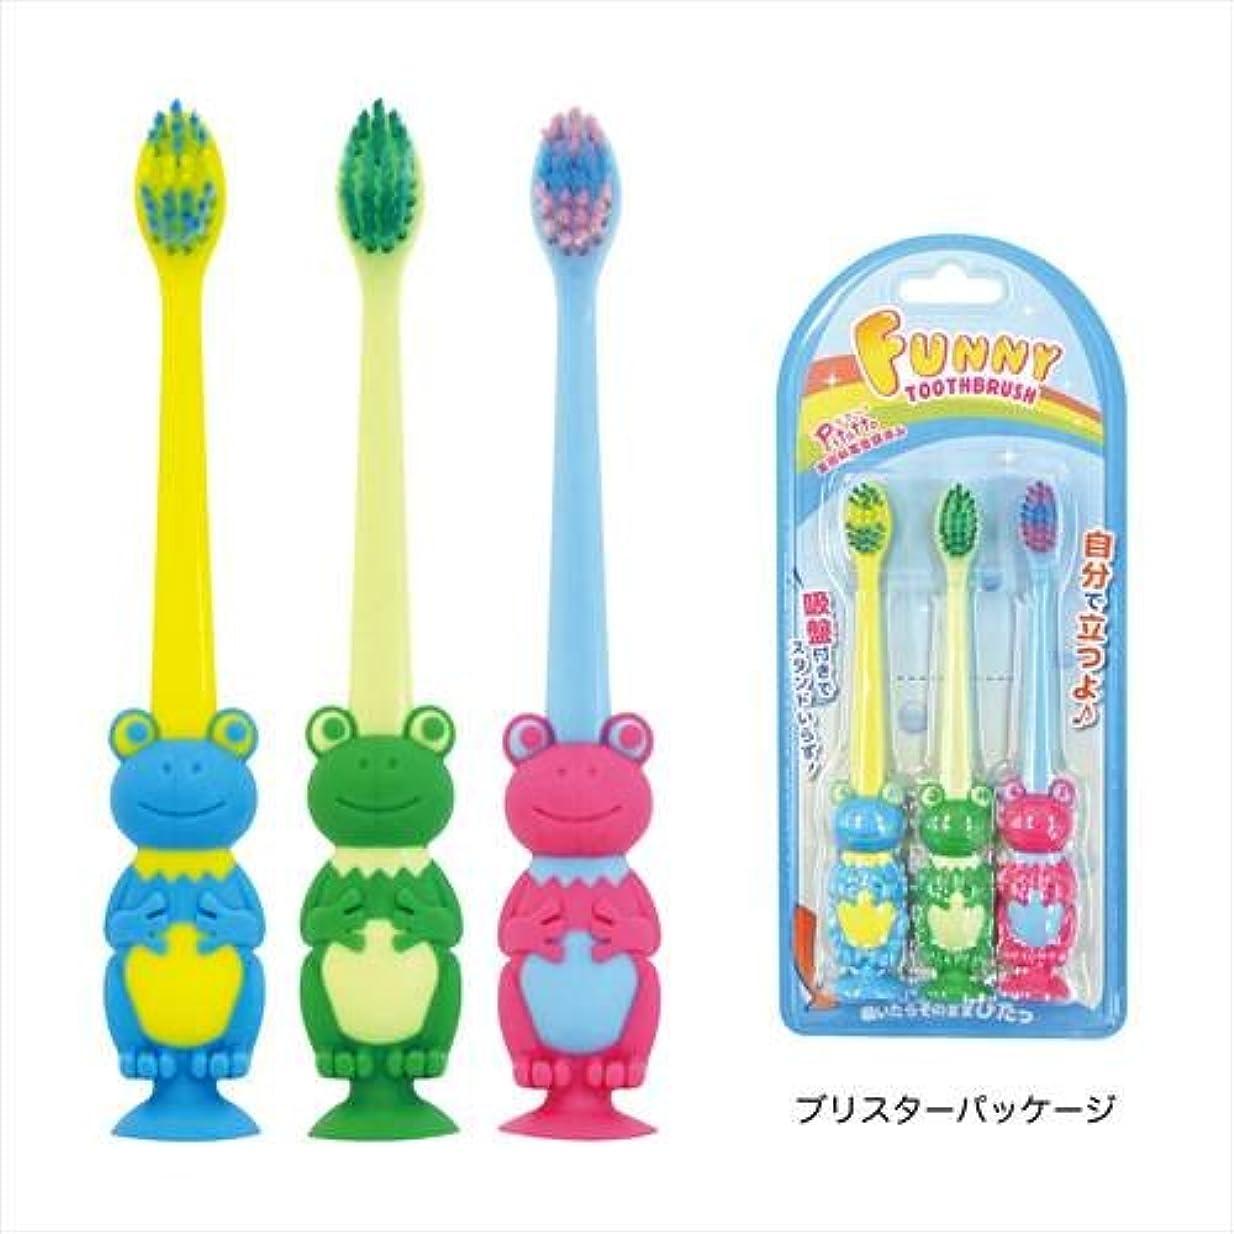 ファニー歯ブラシ カエル 3本セット